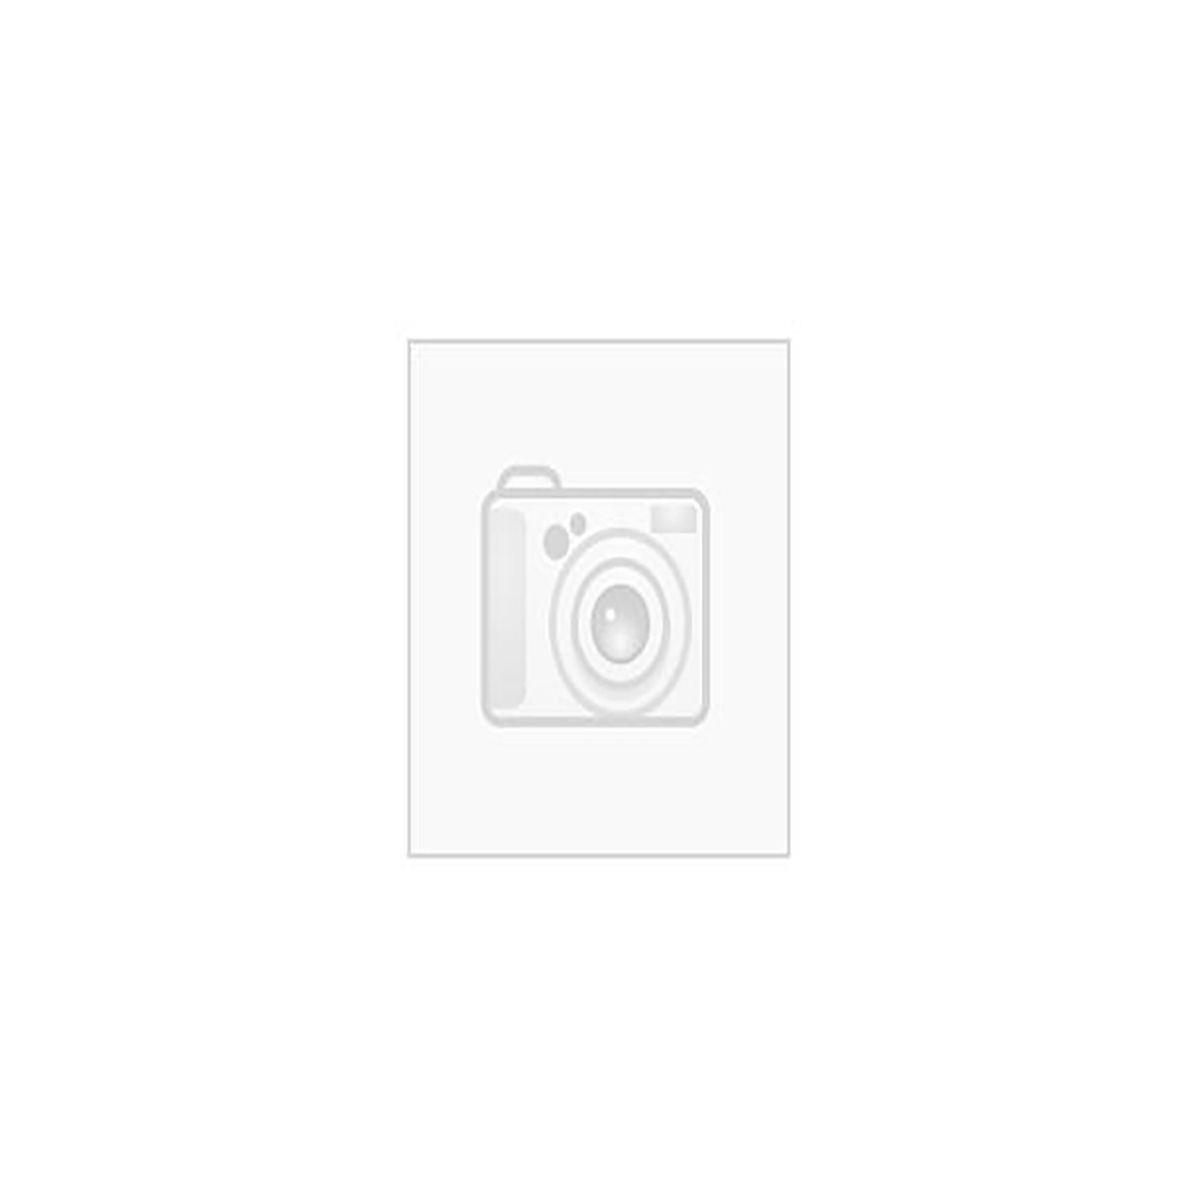 GLOBO MISURA 50, PORSELENSSERVANT